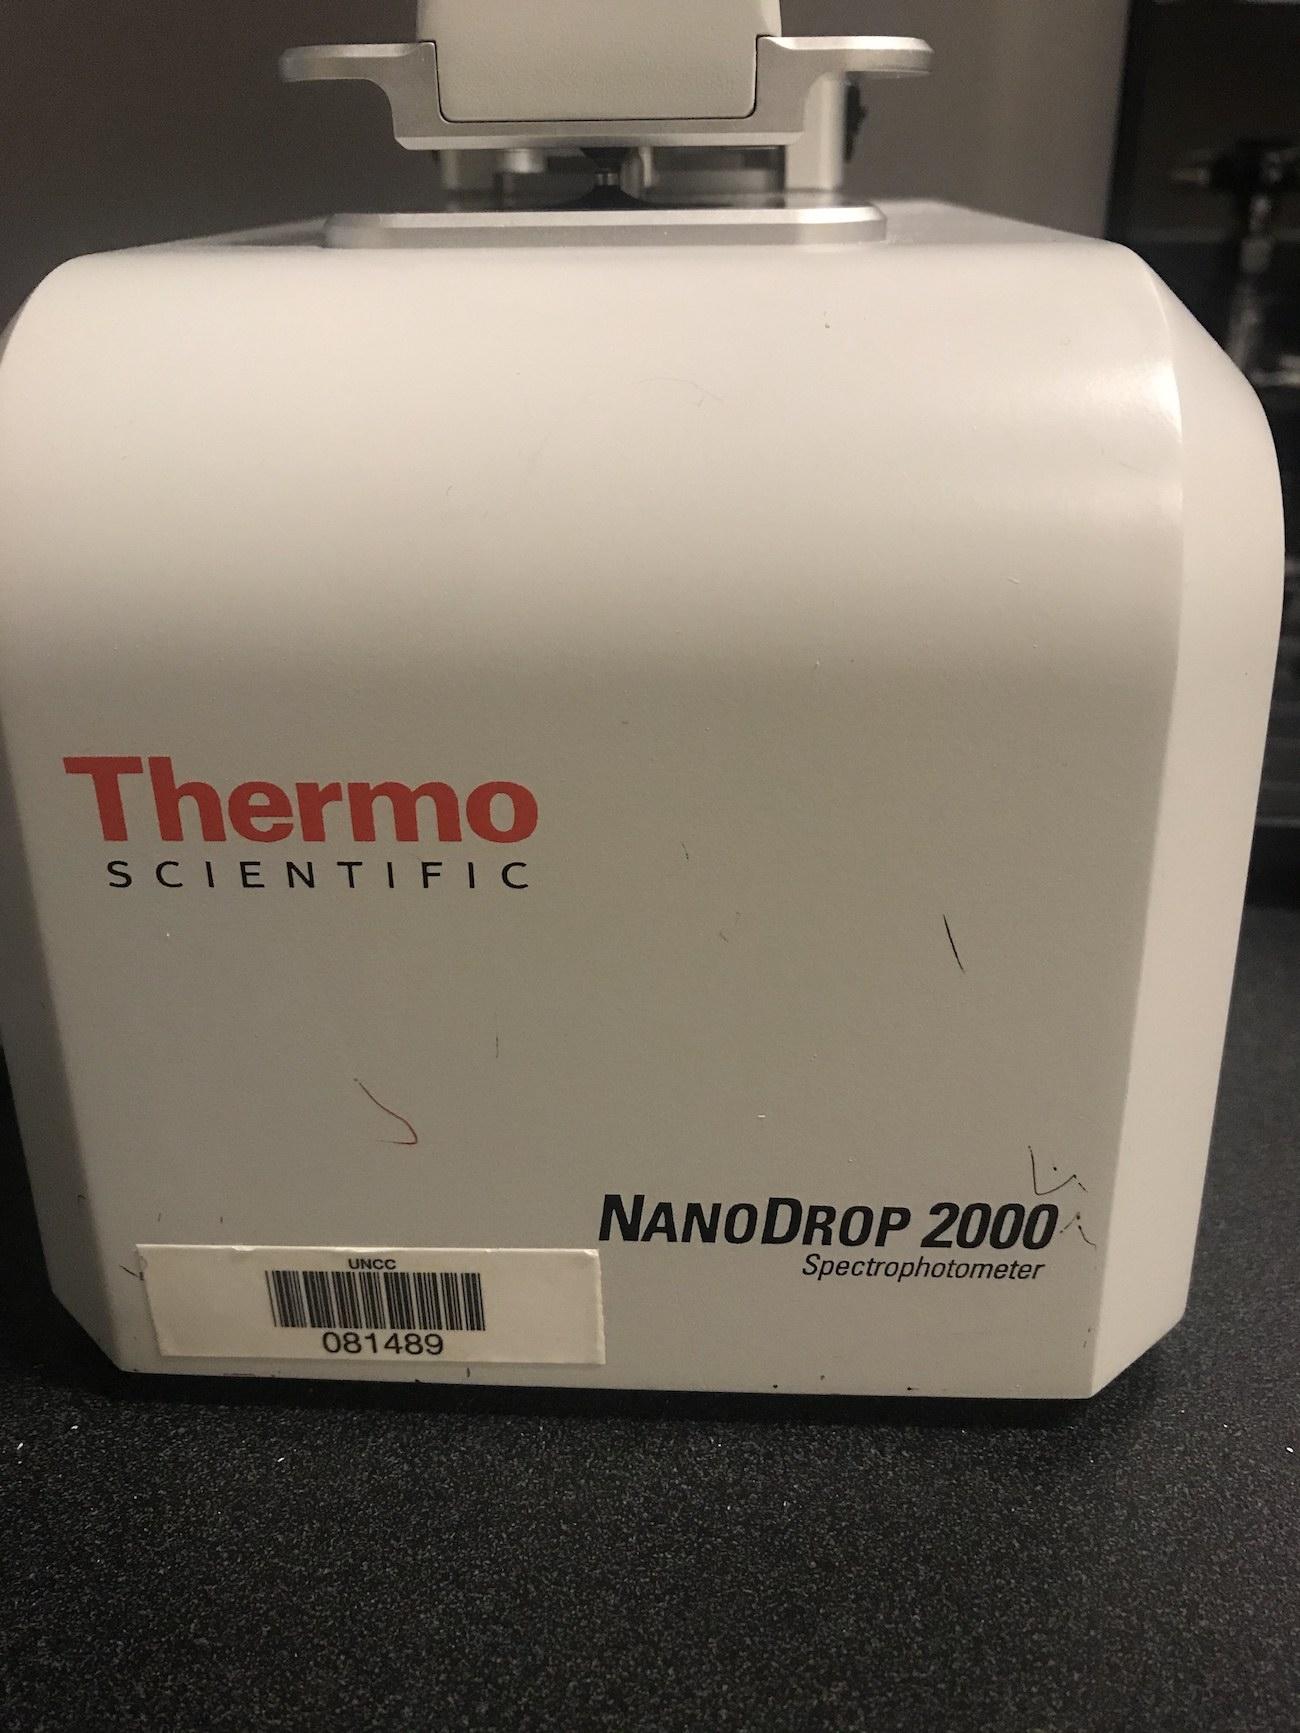 NanoDrop 2000 Spectrophotometer